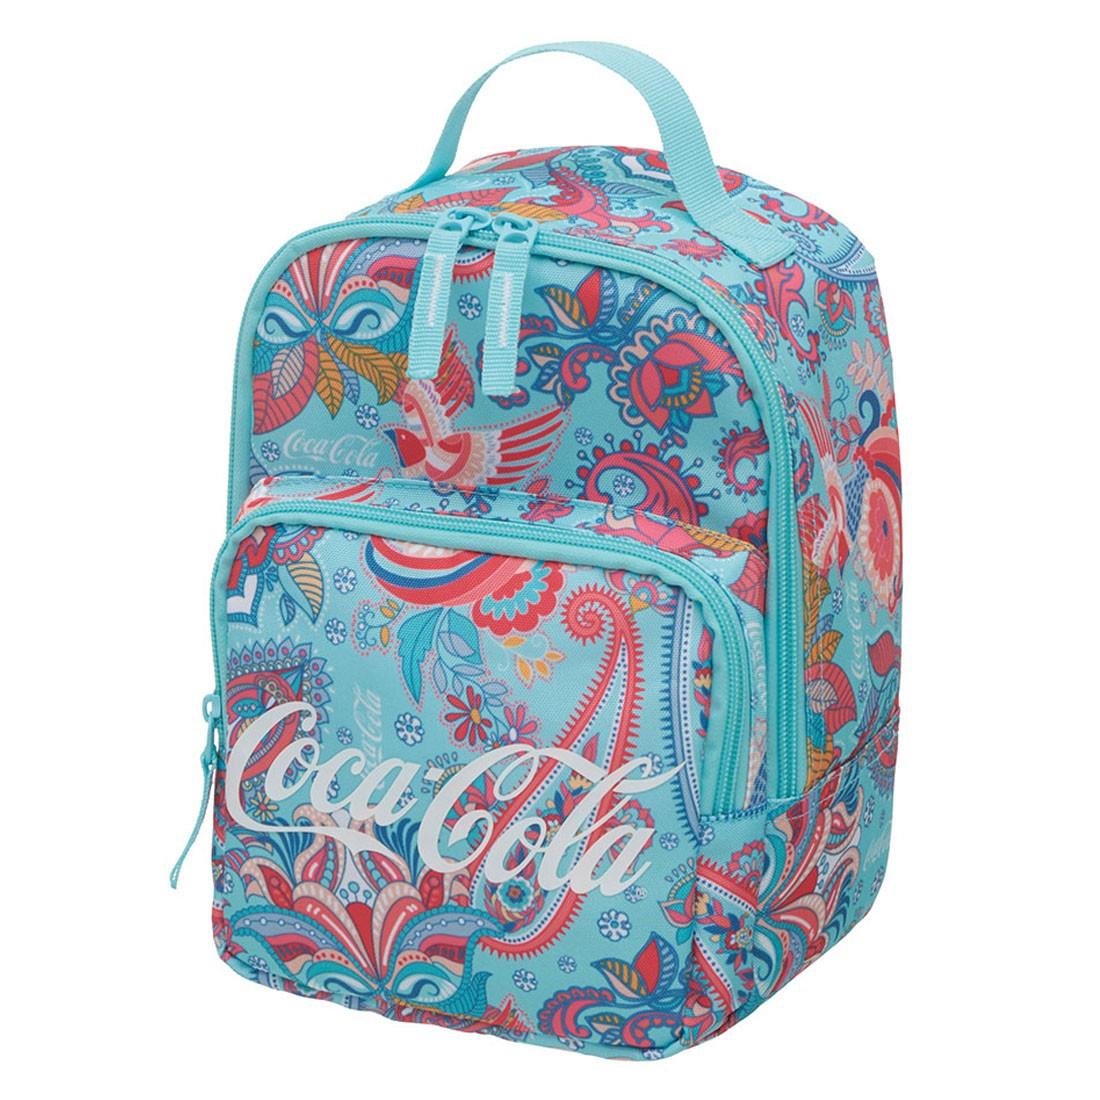 Lancheira Coca Cola Folk 7845410